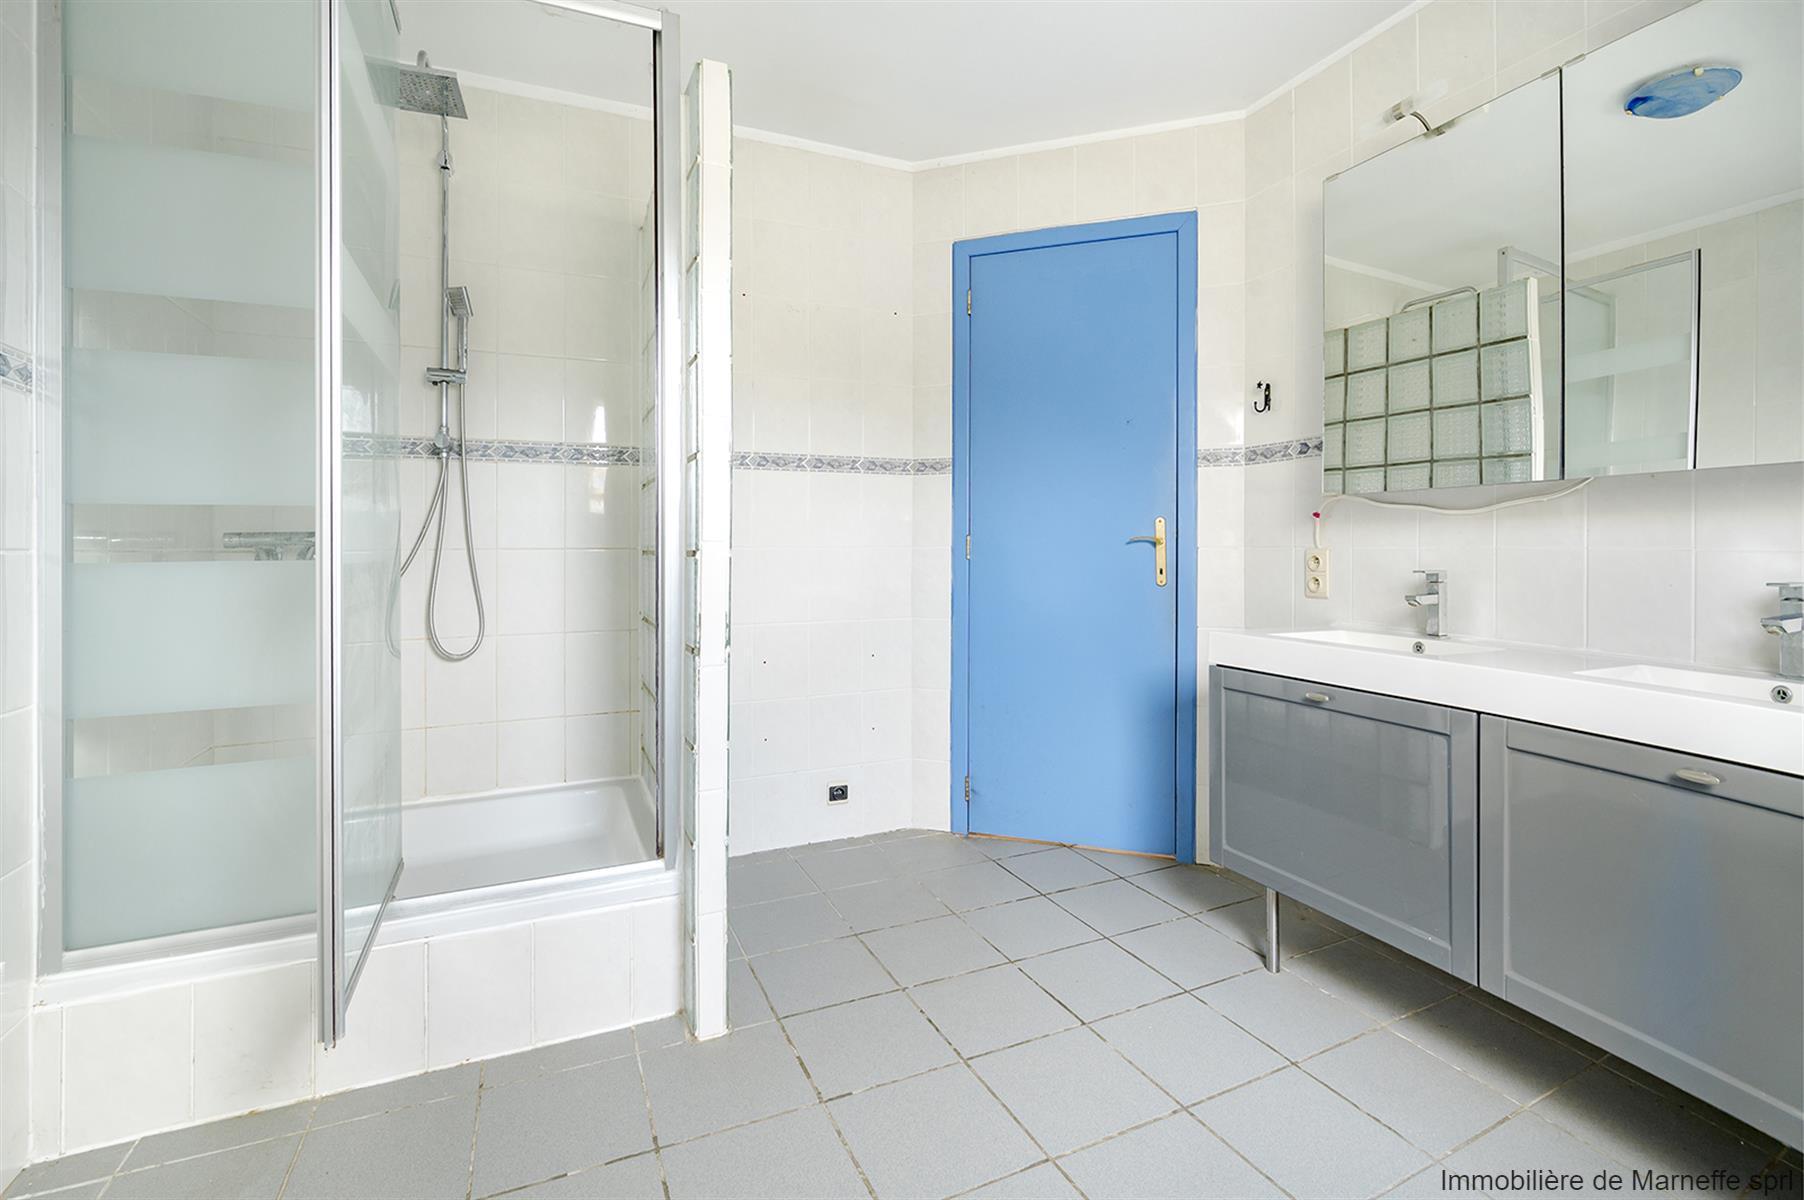 Maison - Villers-le-Bouillet - #4191827-26